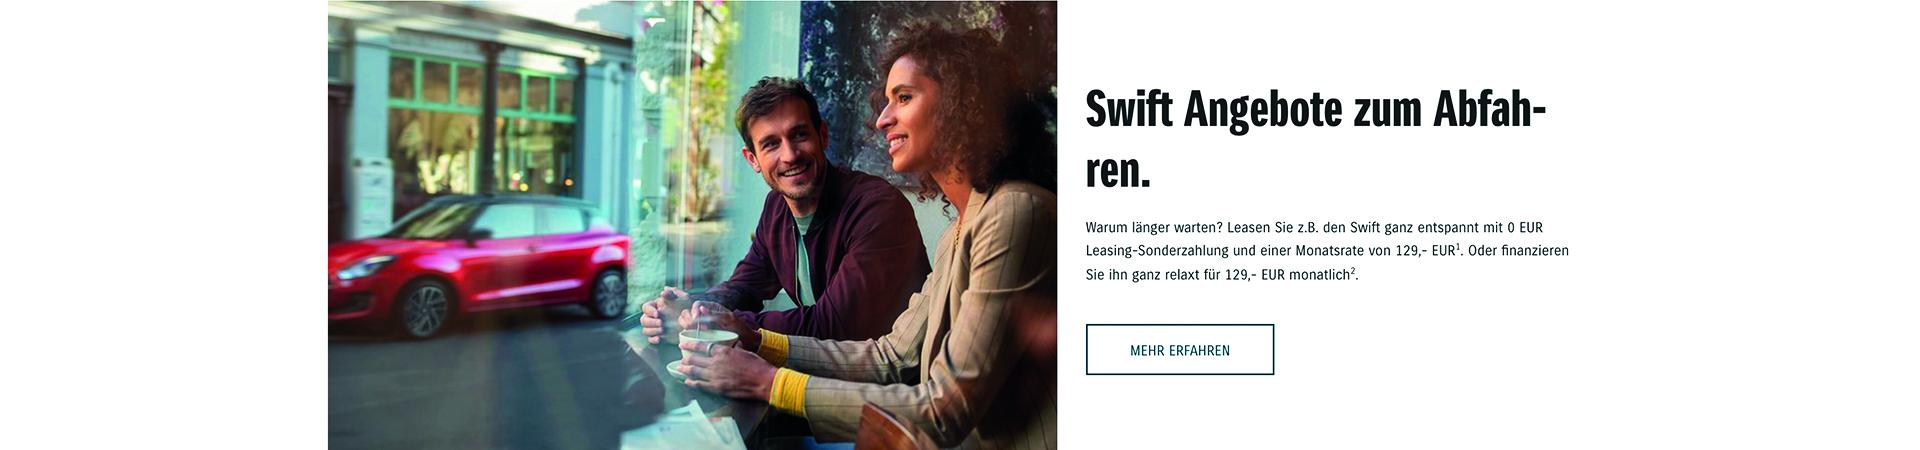 Swift Angebote zum Abfahren.